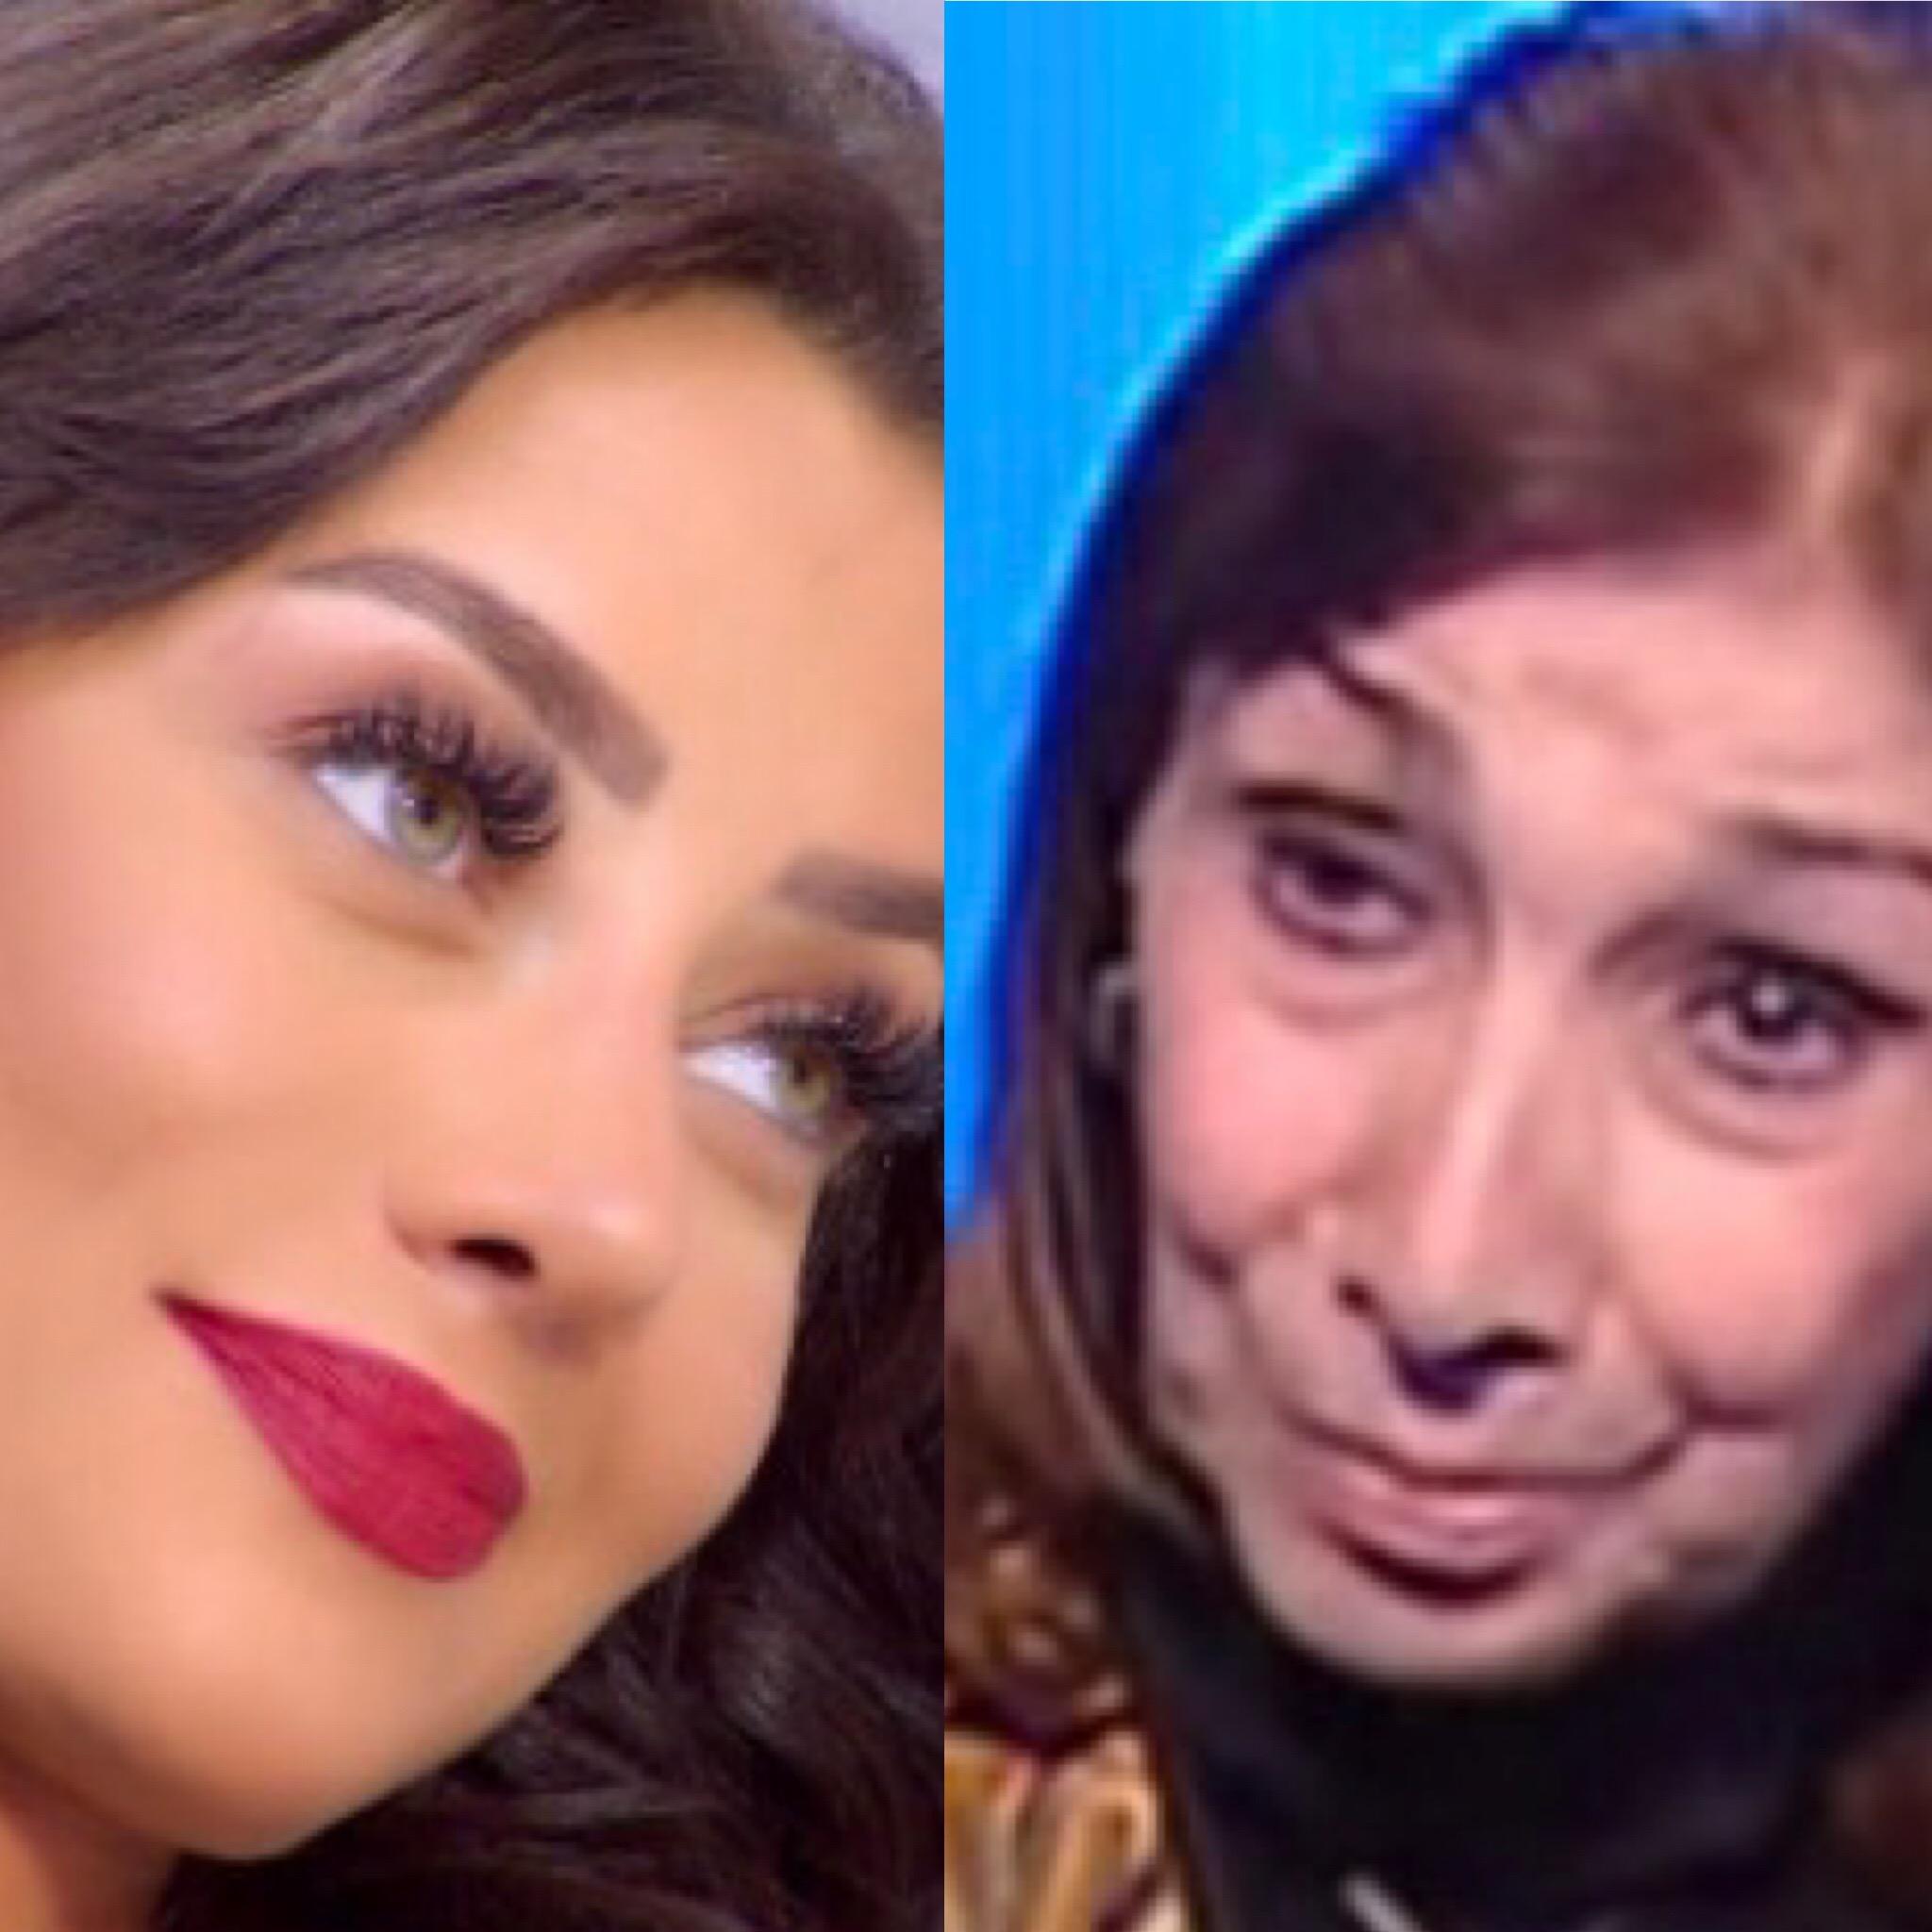 فلسطيني عائد لمصر العروبة وذكريات عن الشتات والحلم الجمعي بالصلاة بالأقصي